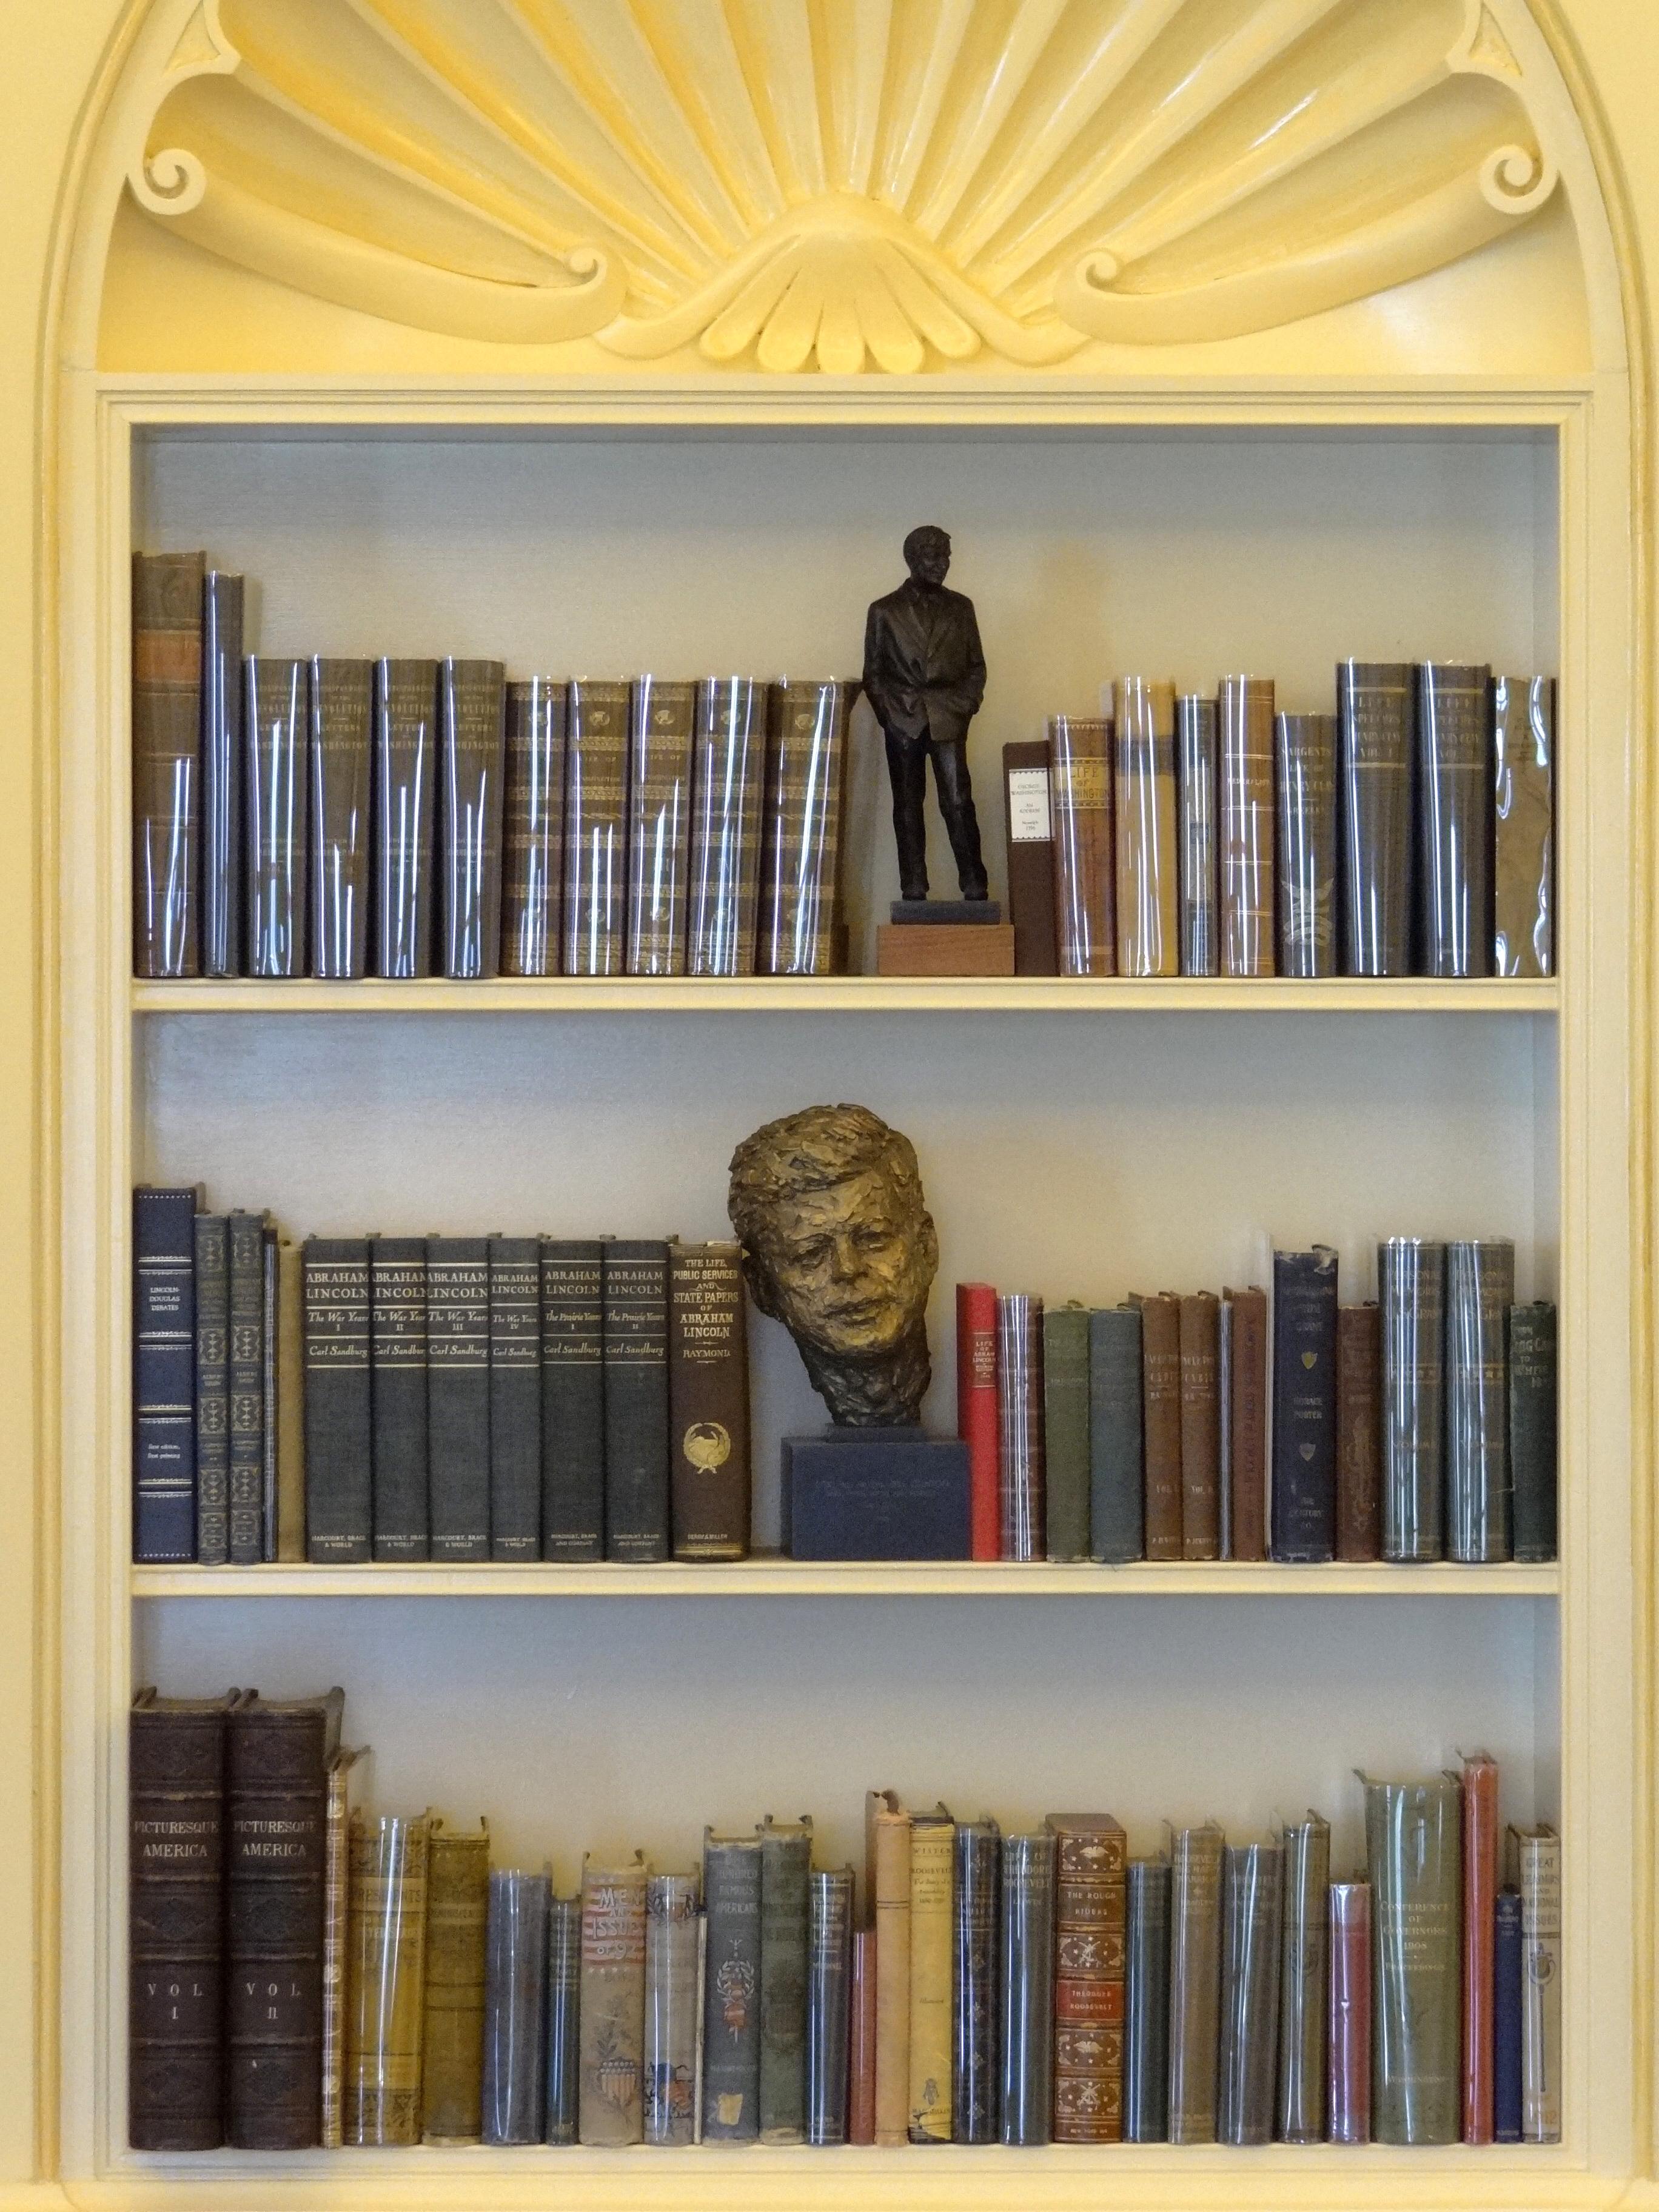 Free myanmar bookshelf images burmeseclassic